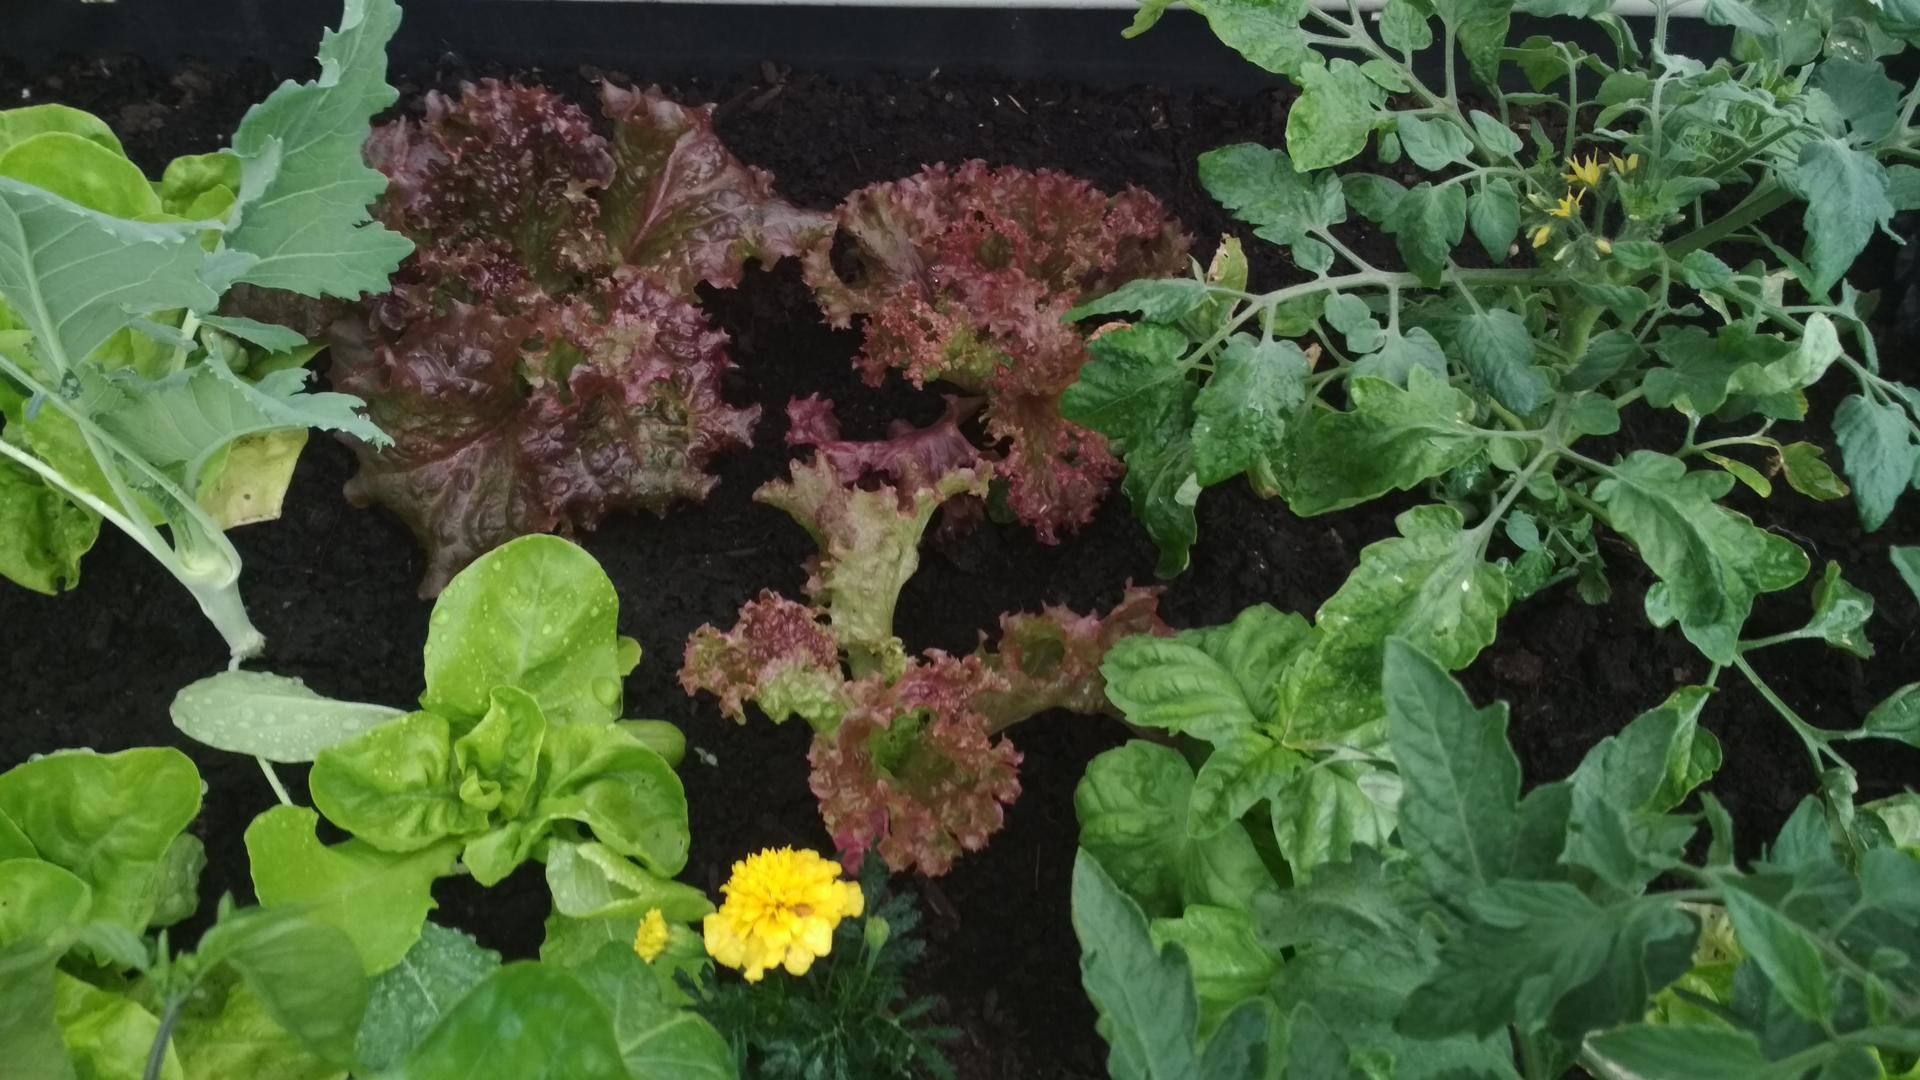 Vyvýšené záhony a úžitková záhrada - sezóna 2021 ... príprava, sadenie, starostlivosť - Obrázok č. 39